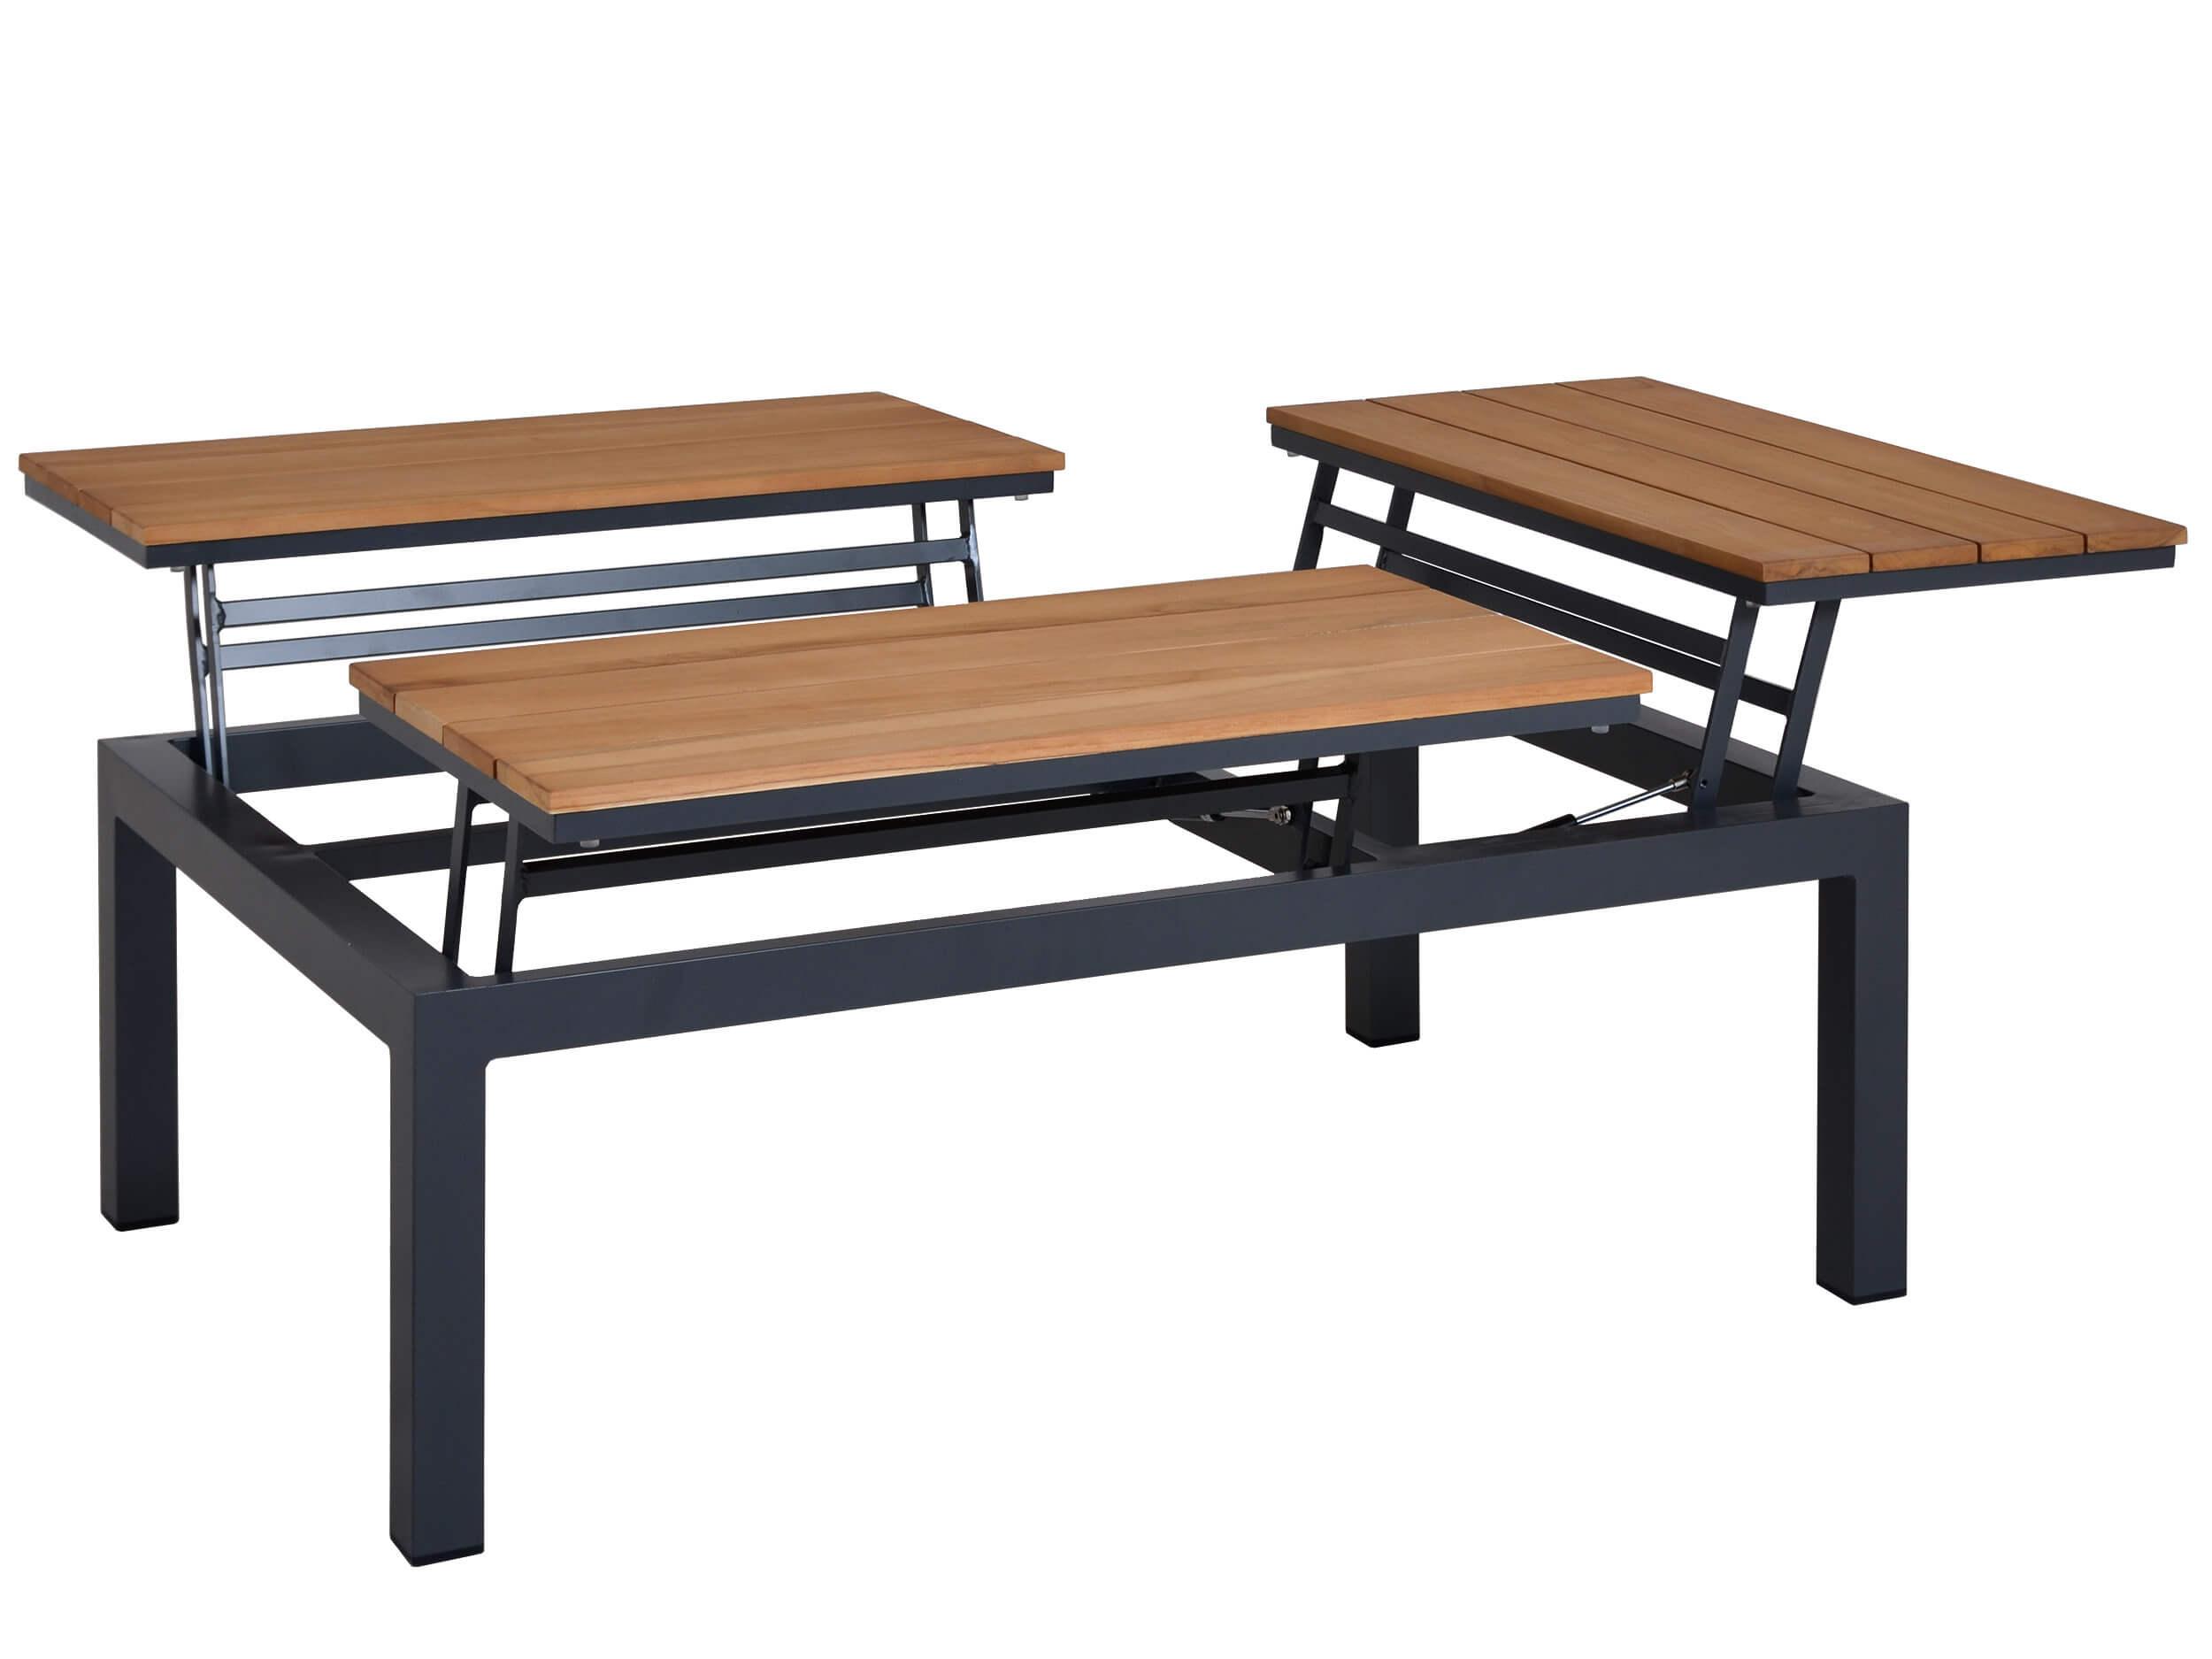 Full Size of Aluminium Loungembel Valencia Tisch Flip Up Teak Gartenmbel Lnse Aluplast Fenster Holz Alu Preise Garten Loungemöbel Verbundplatte Küche Günstig Wohnzimmer Loungemöbel Alu